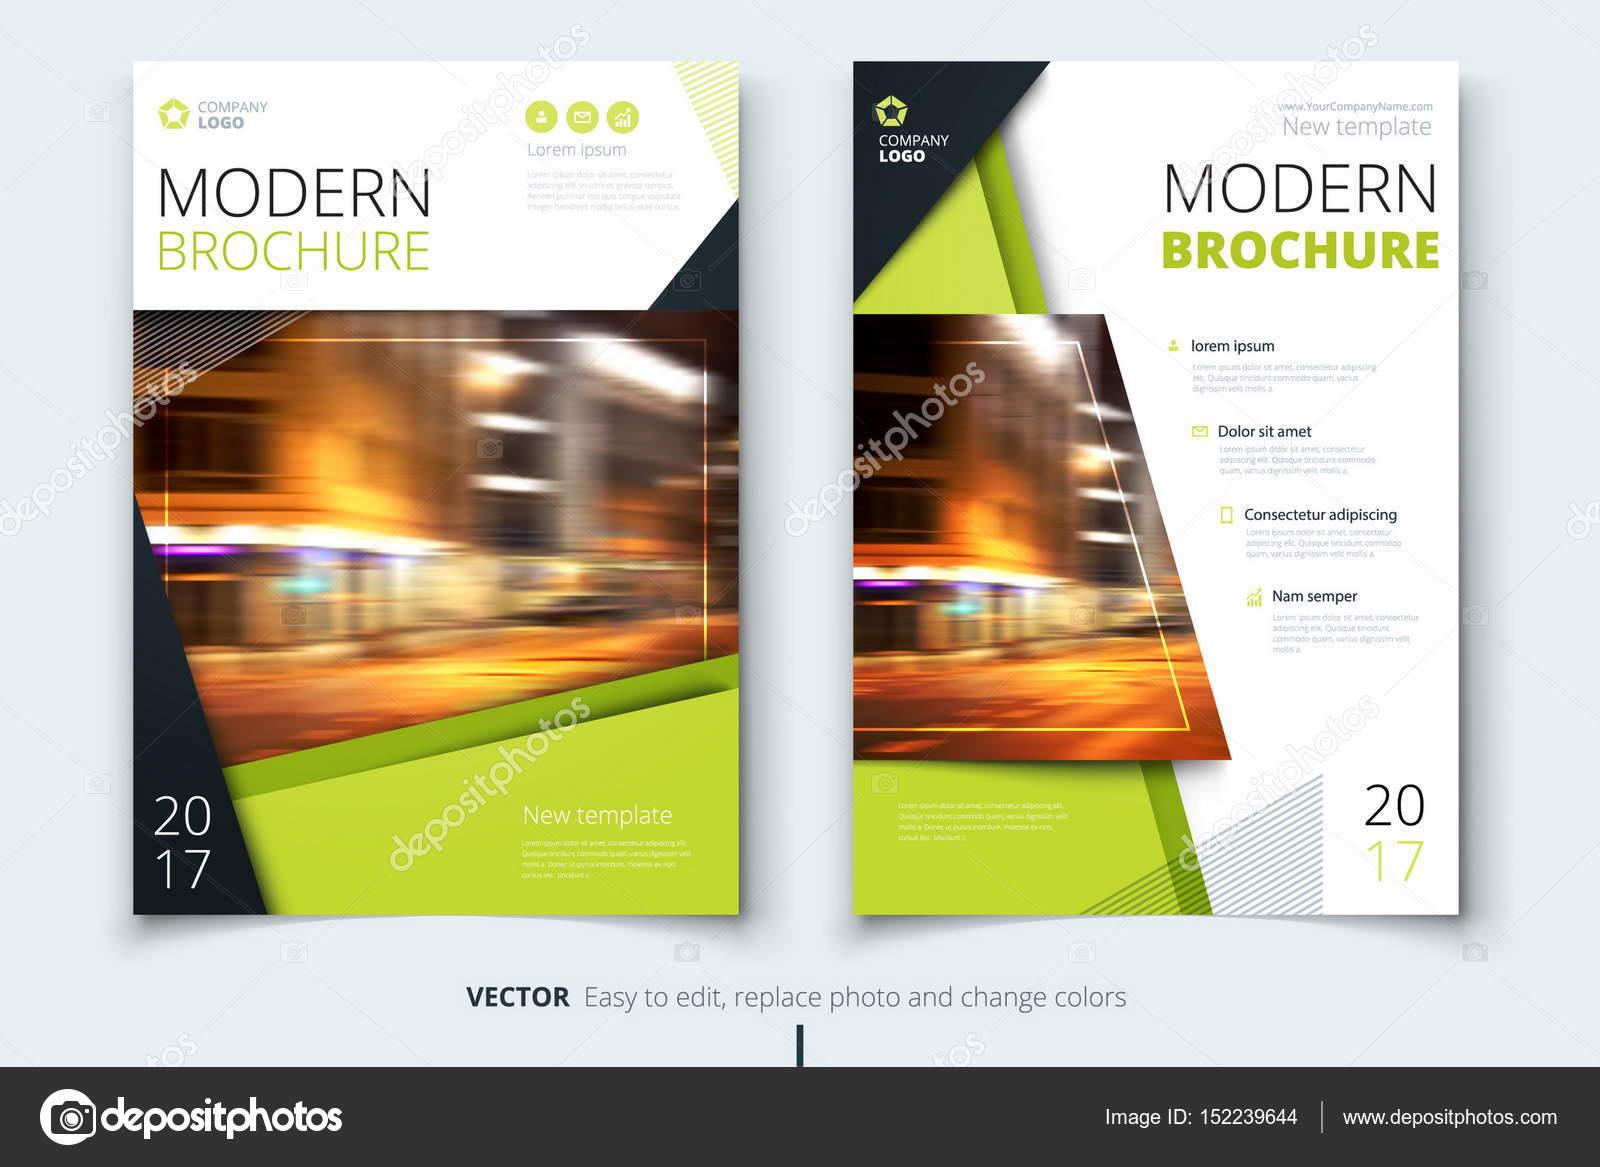 Covergestaltung für Broschüre, Flyer, Plakat, Bericht, Katalog ...